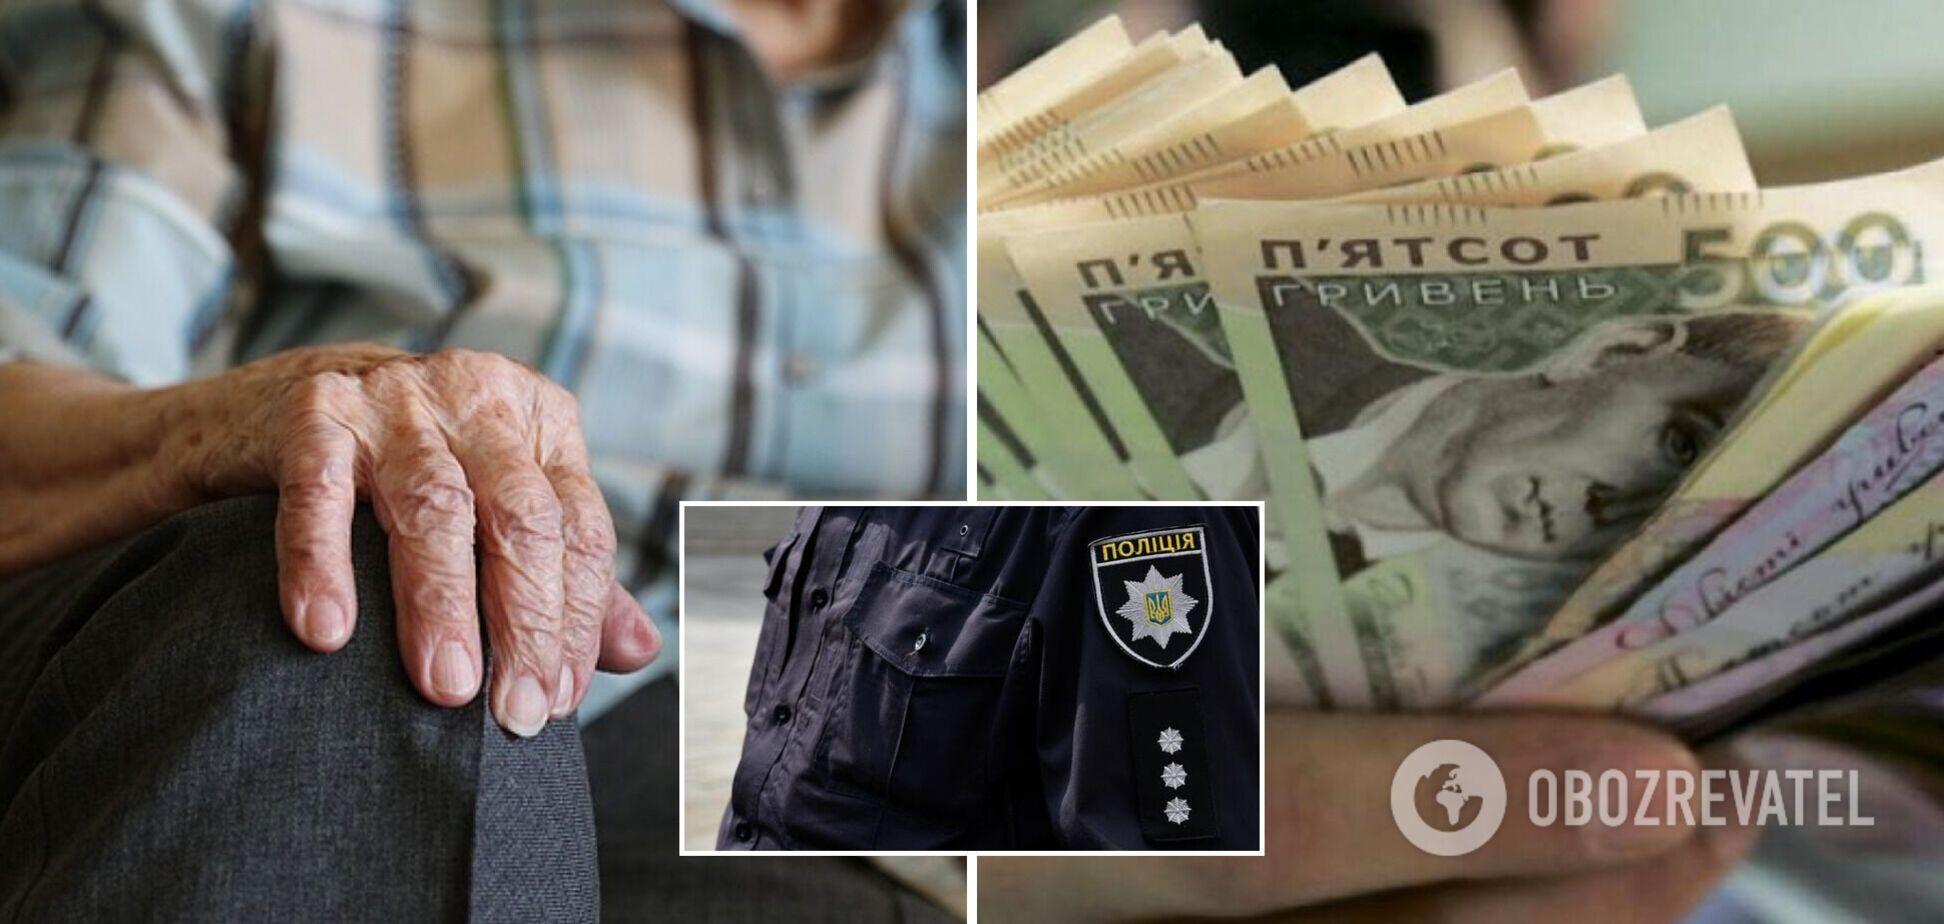 В Одессе аферист выманил у пожилой женщины более 400 тыс. грн